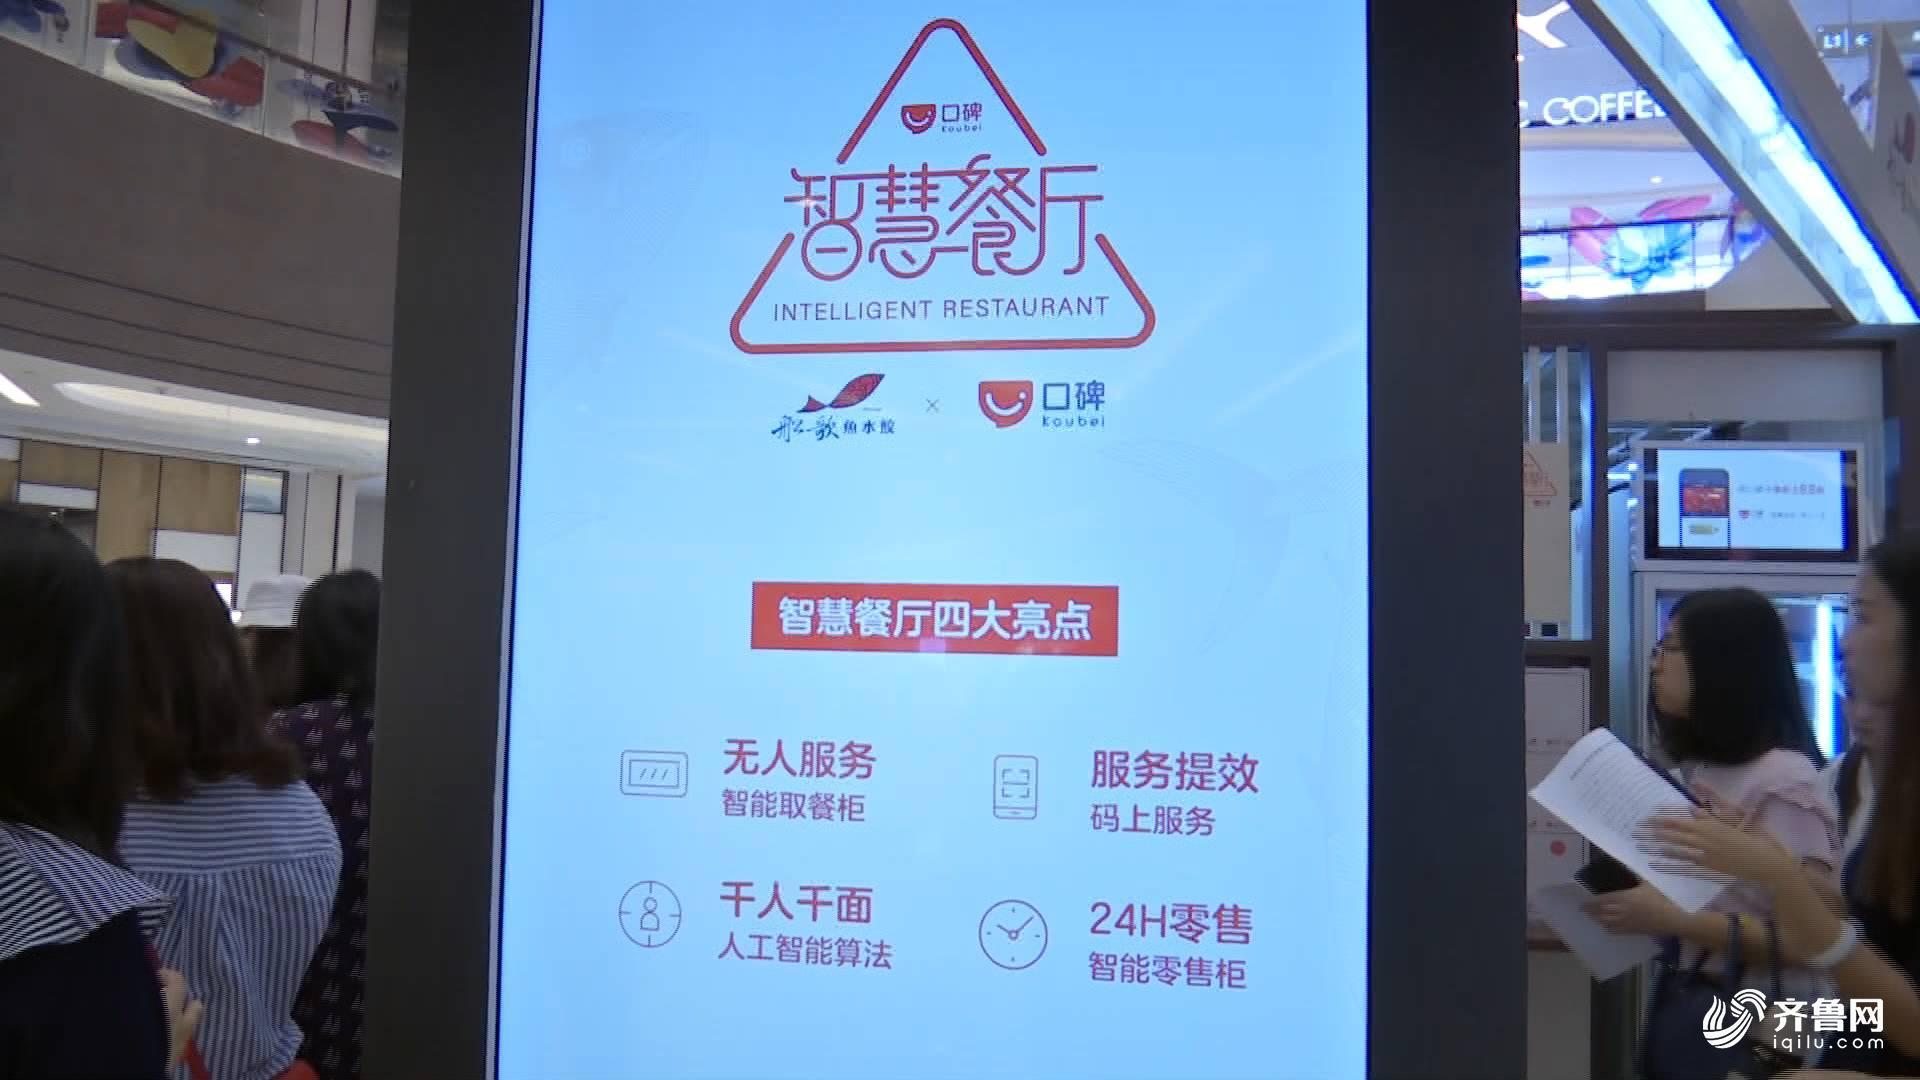 智慧餐厅 (1).JPG